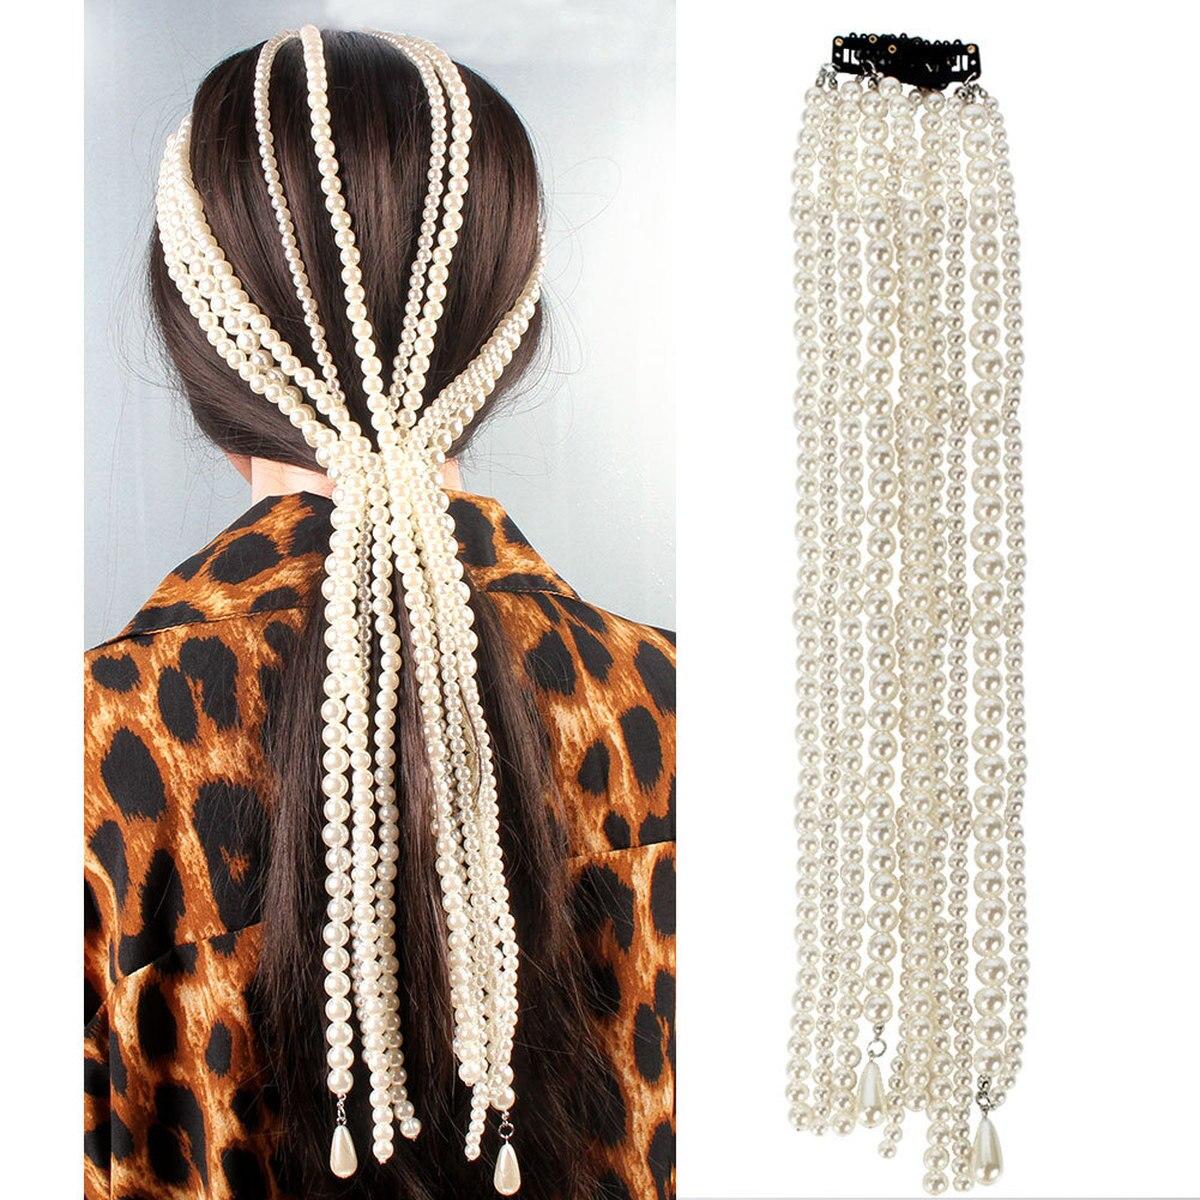 ABS Imitation Pearl Hair Chain Long Chains Hair Pins Headwear Wedding Bridal Hair Accessories Hair Jewelry